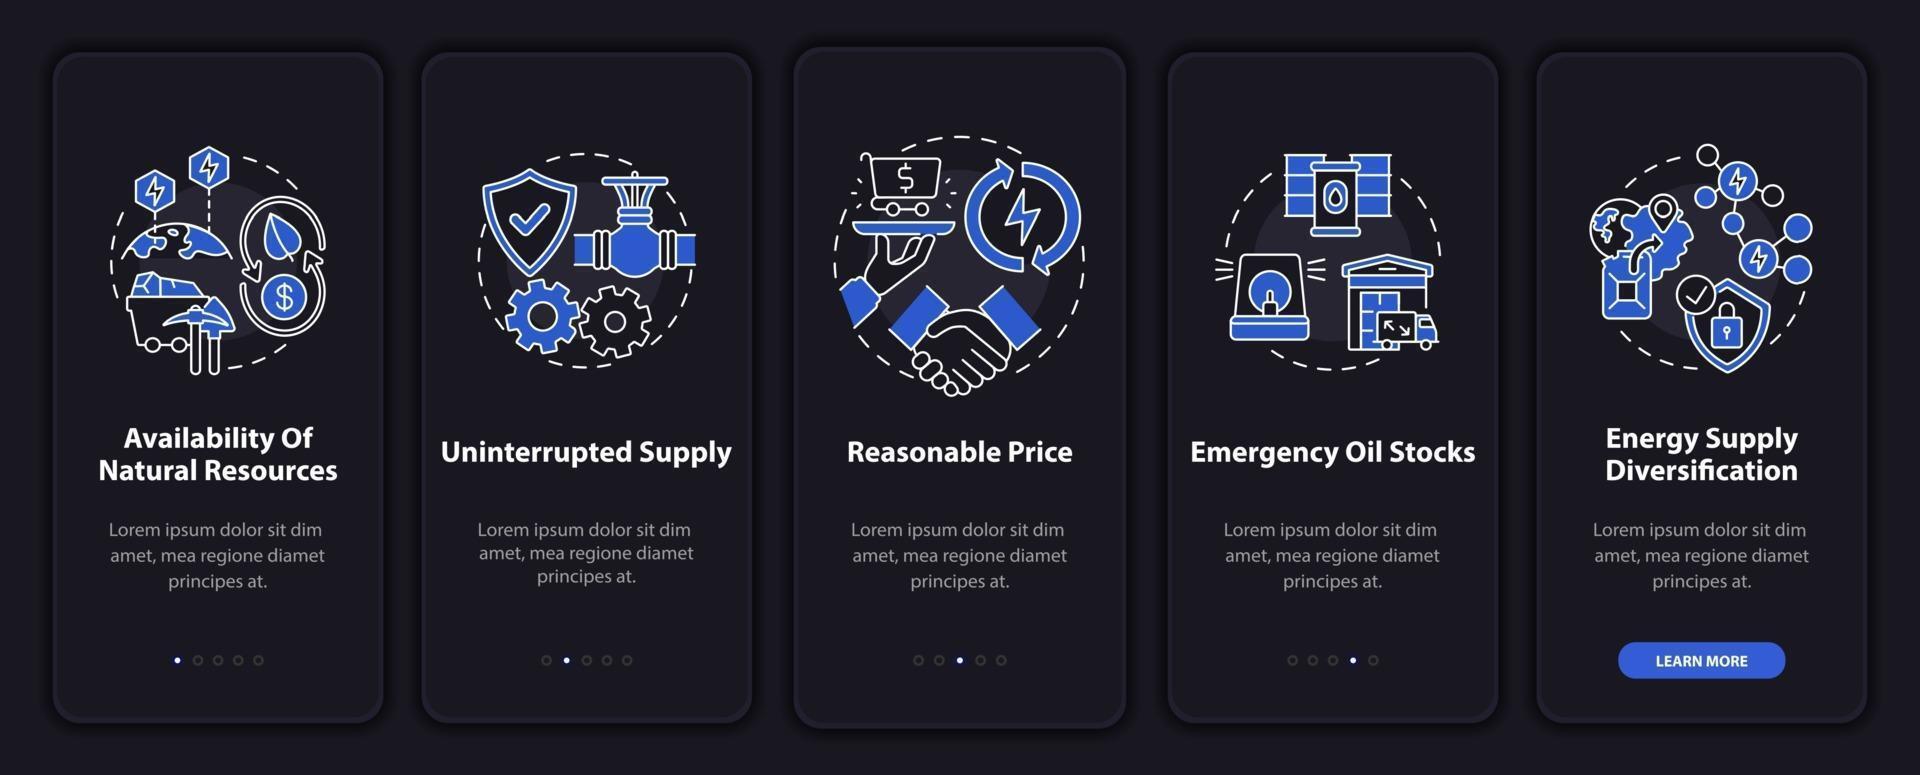 unità di sicurezza energetica onboarding schermata della pagina dell'app mobile con concetti vettore